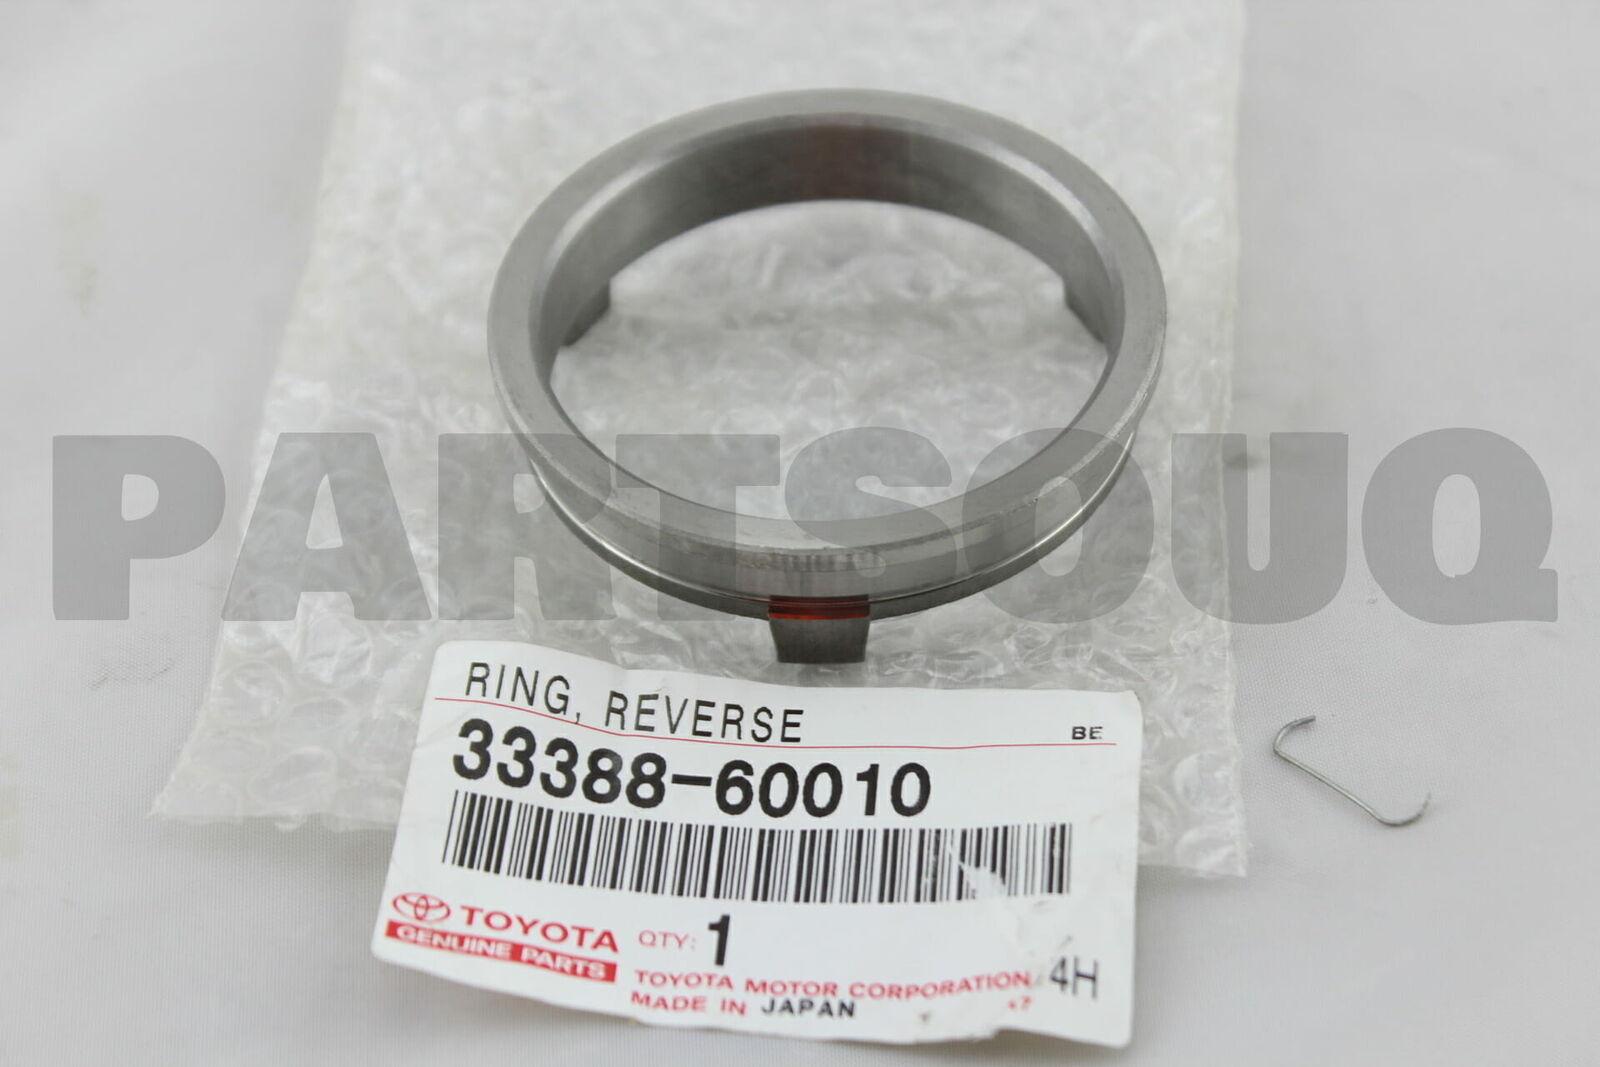 3338860010 Genuine Toyota RING REVERSE SYNCHRONIZER PULL 33388-60010